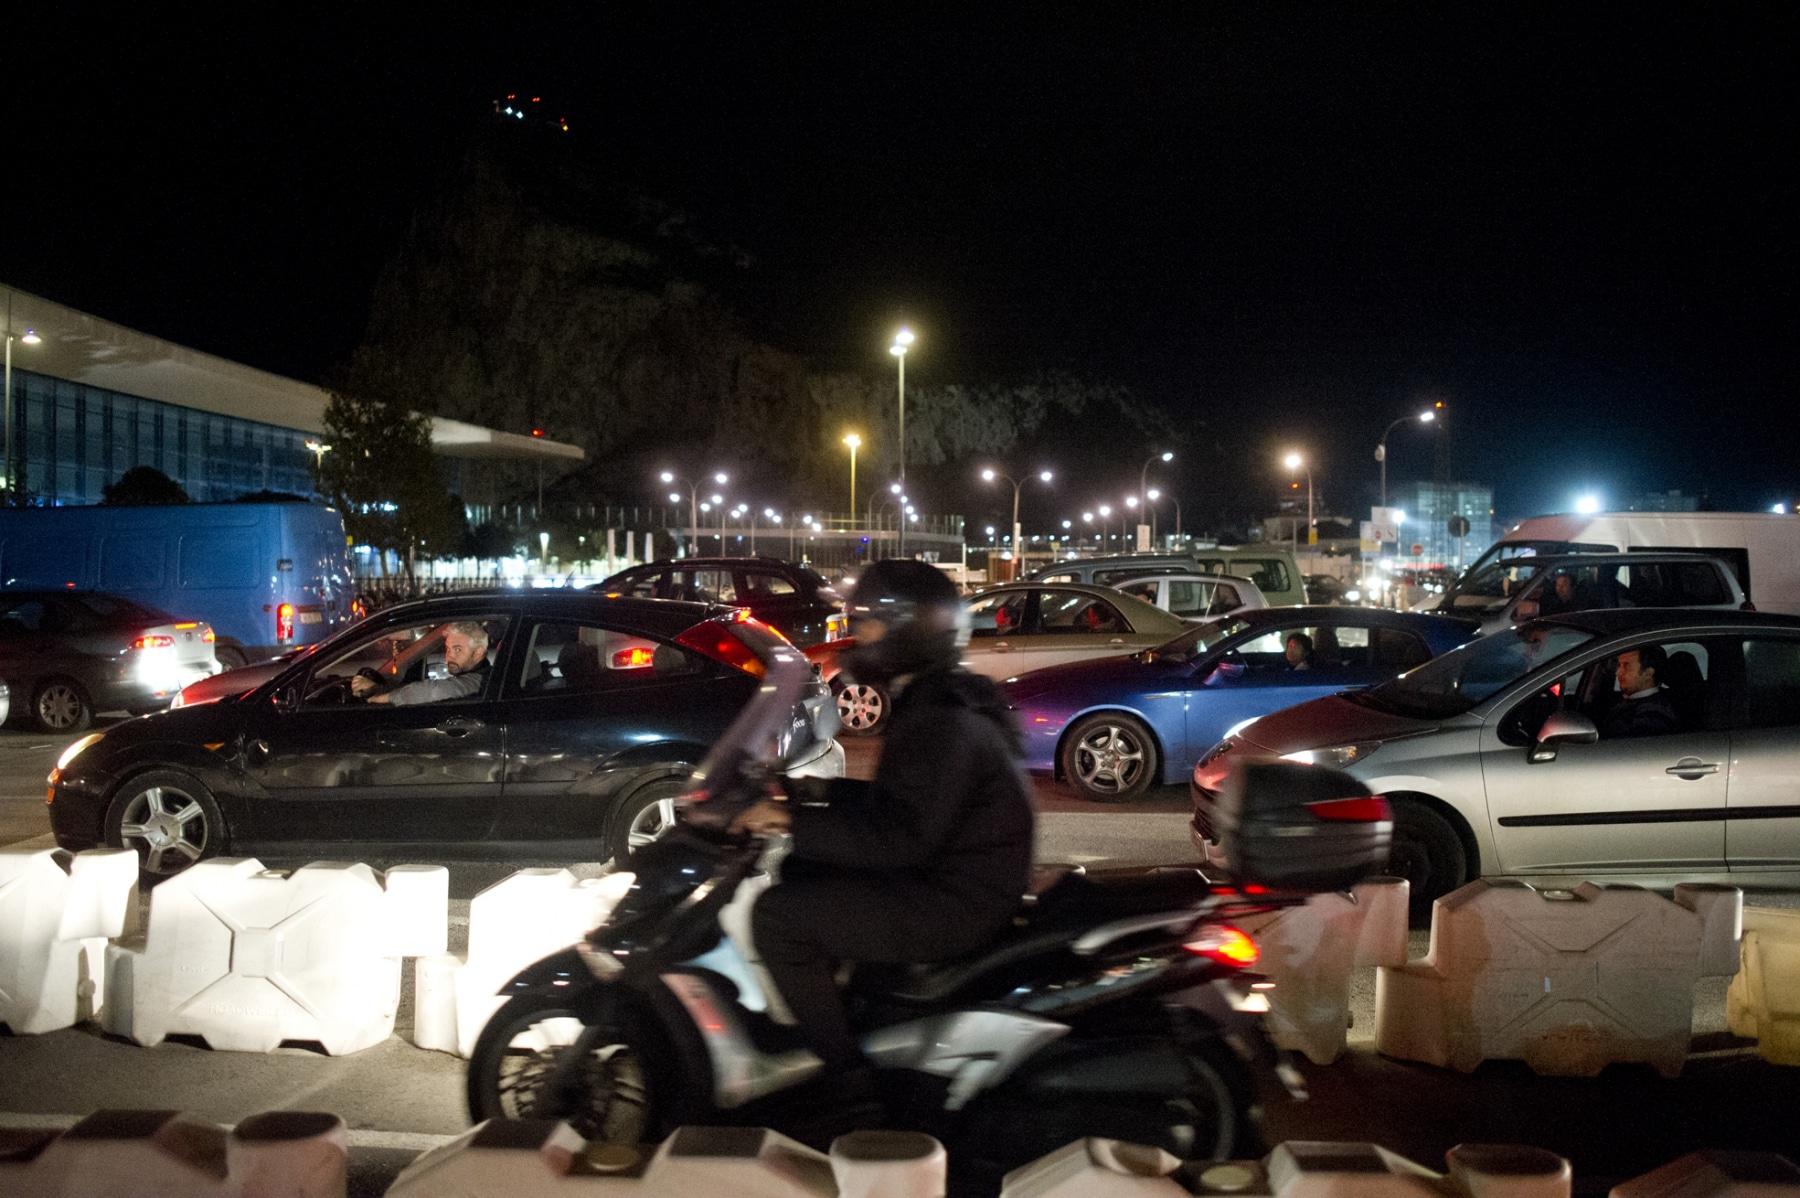 25-noviember-2014-cola-de-salida-gibraltar-07_15694991988_o